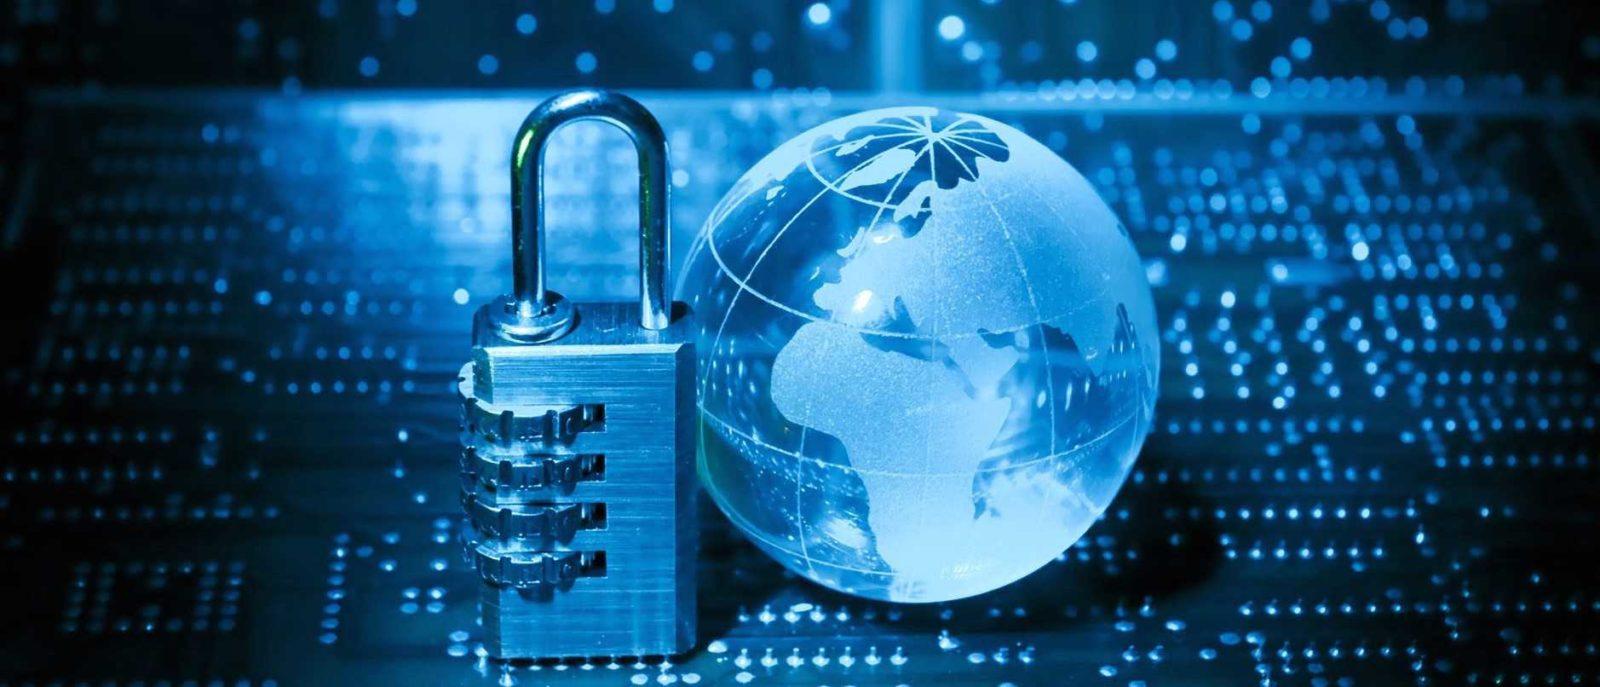 Международная конференция по компьютерной безопасности Kuban CSC 2019